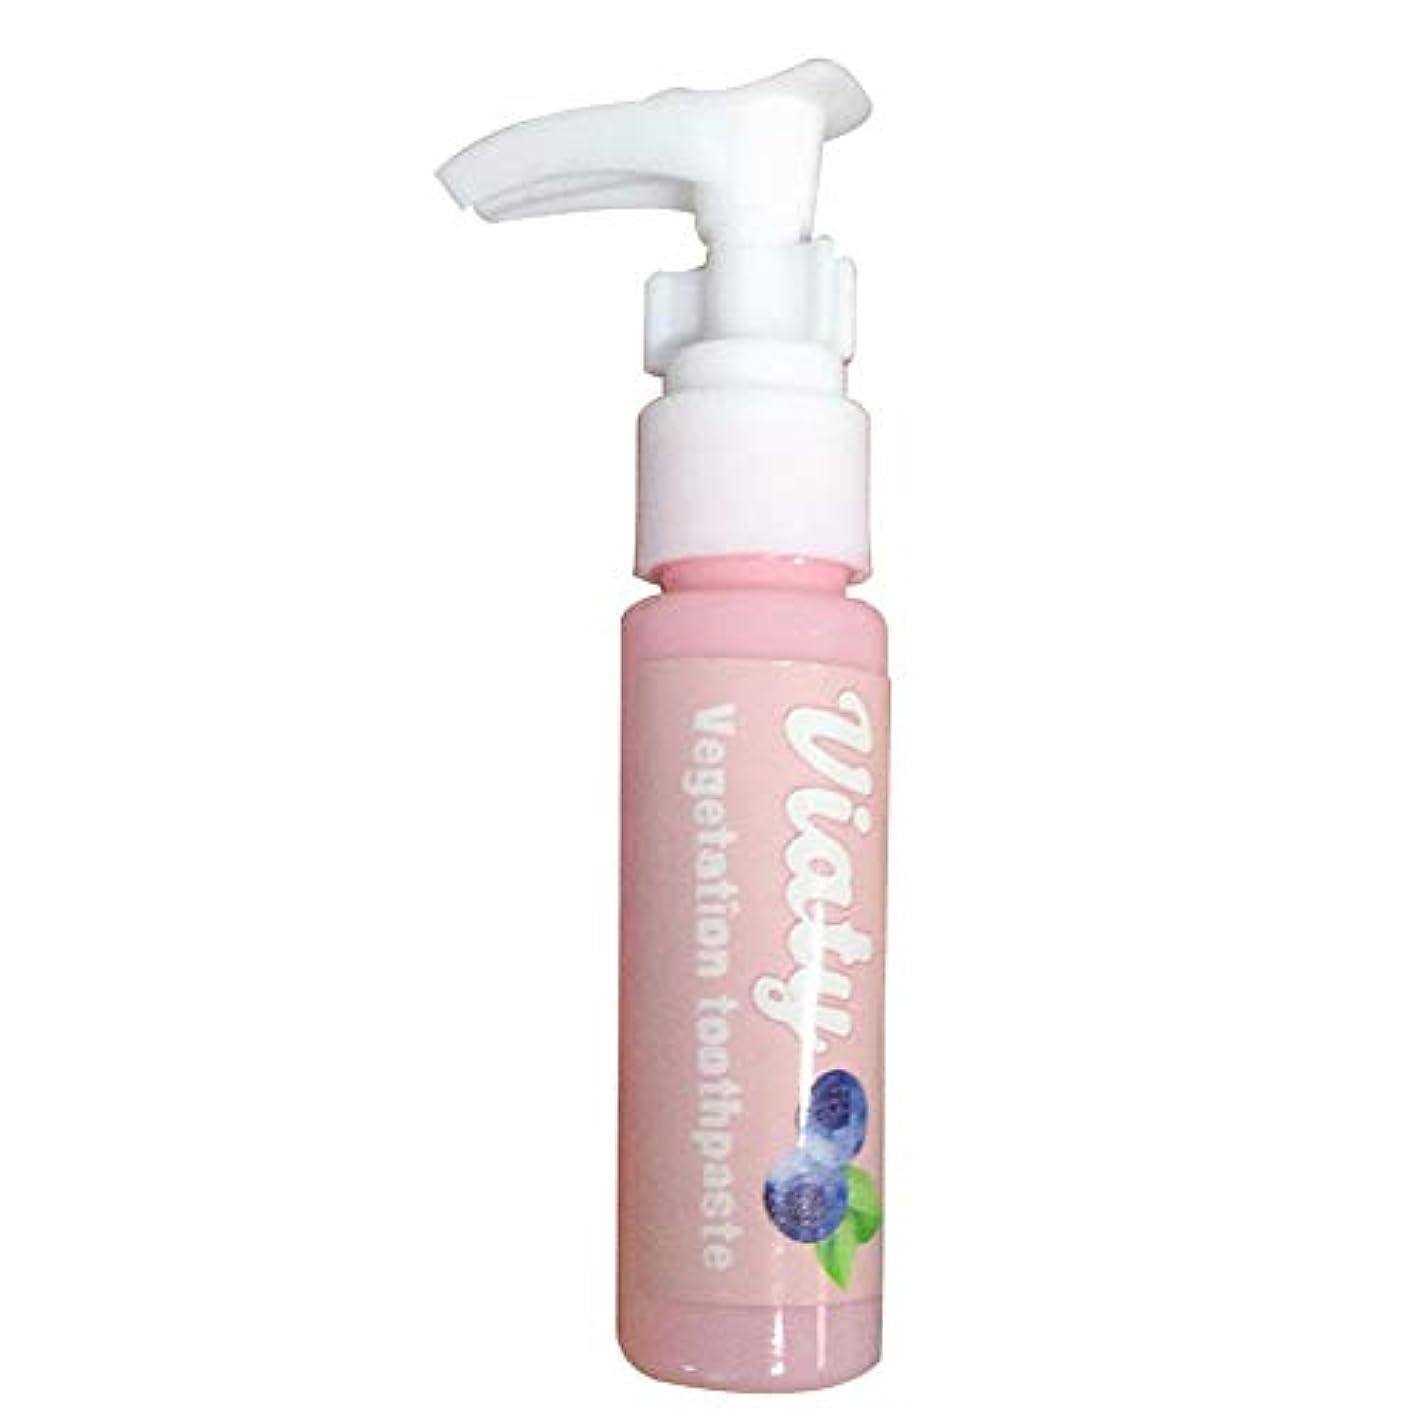 放映慎重にが欲しいJanusSaja歯磨き粉を押す旅行ベーキングソーダを白くする装置のフルーティーなベーキングソーダ歯磨き粉